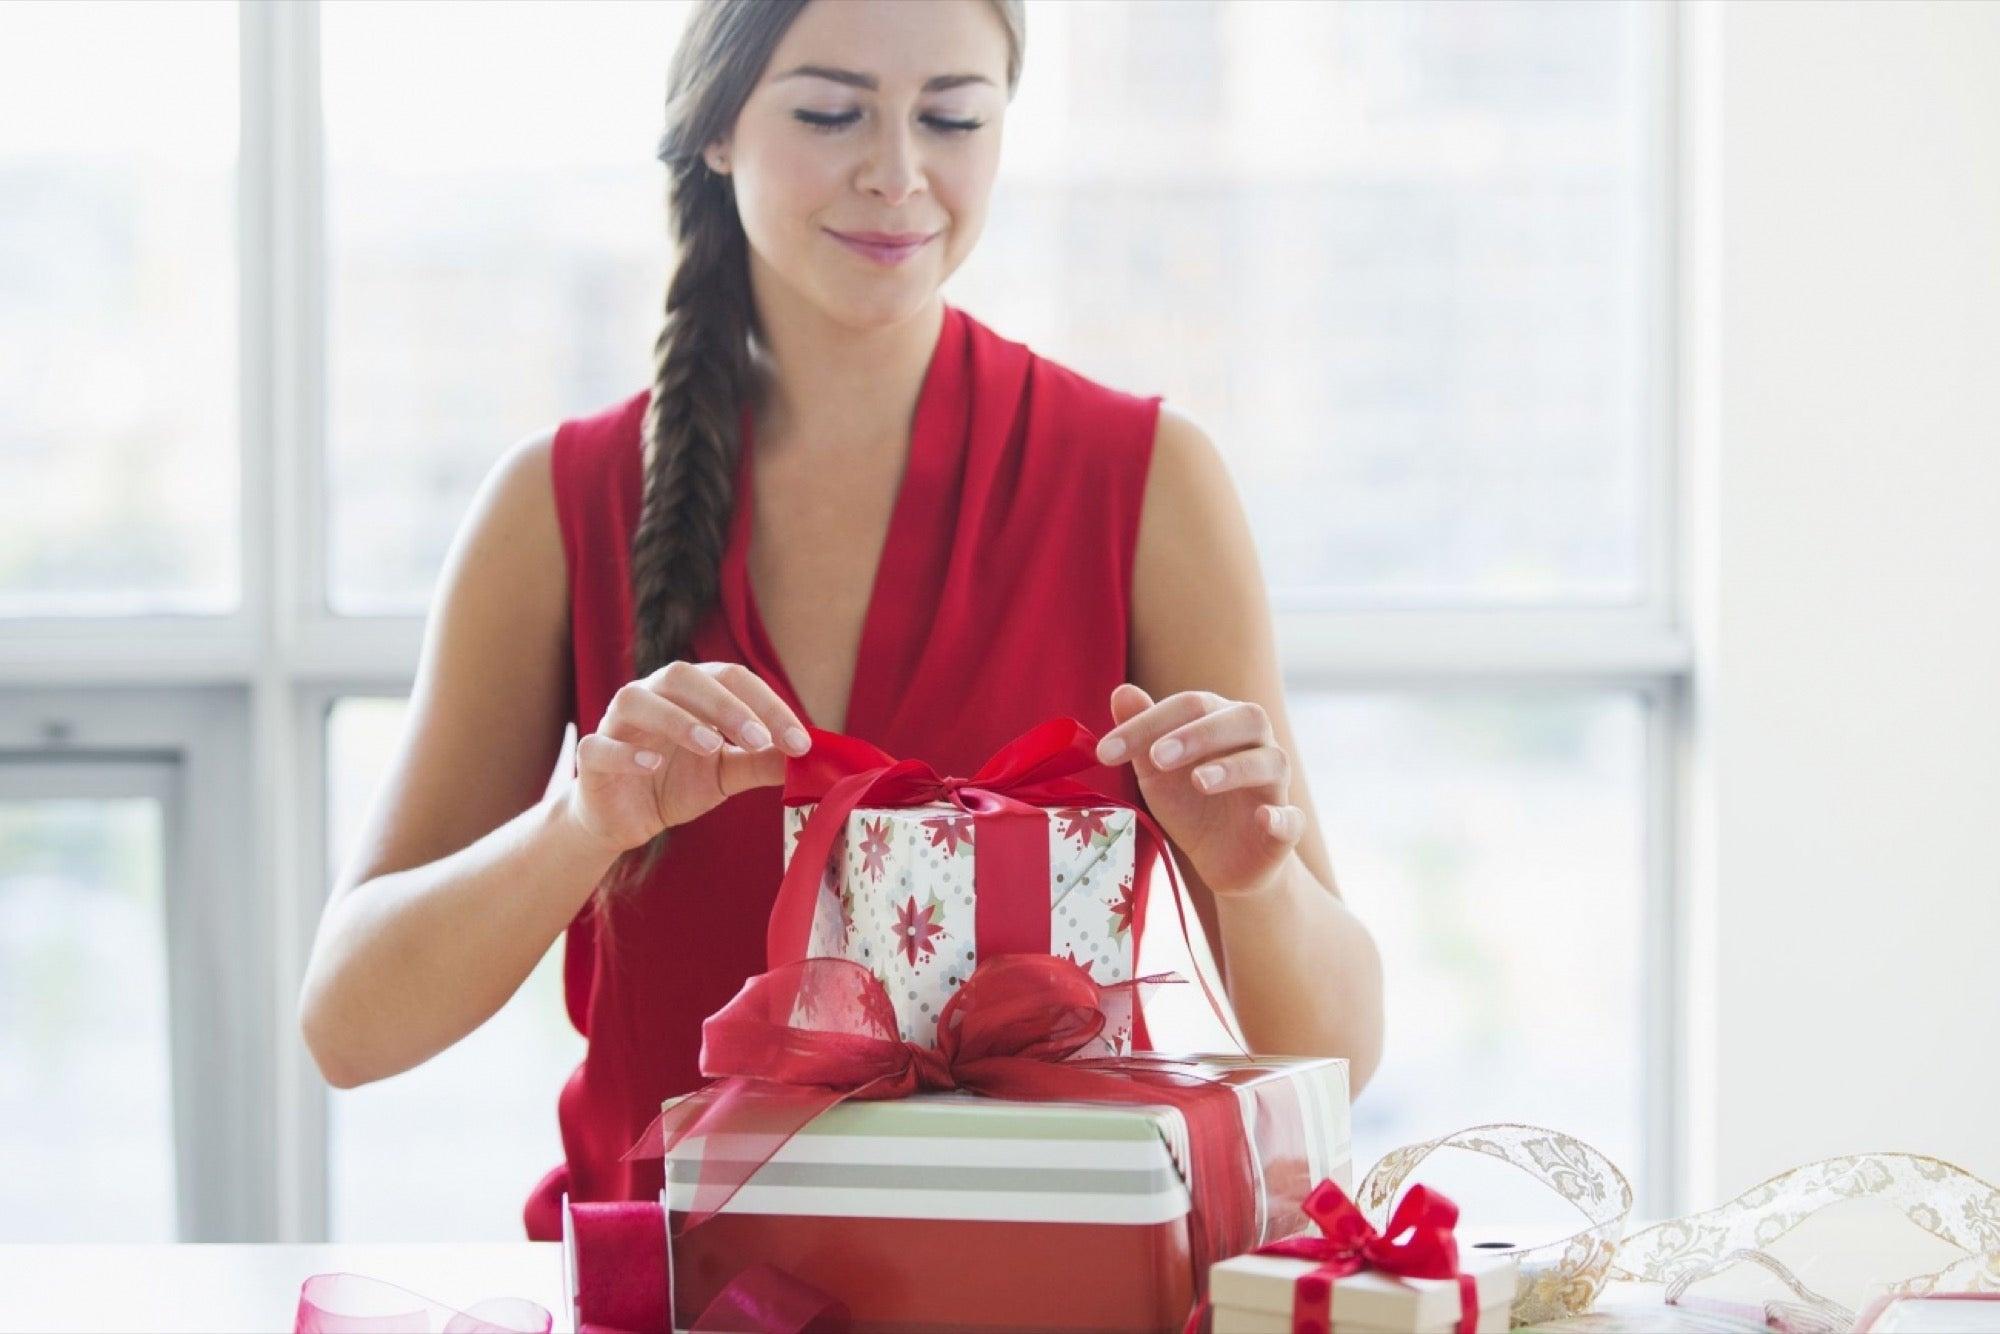 Называются движущиеся, картинки подарки для женщины на день рождения